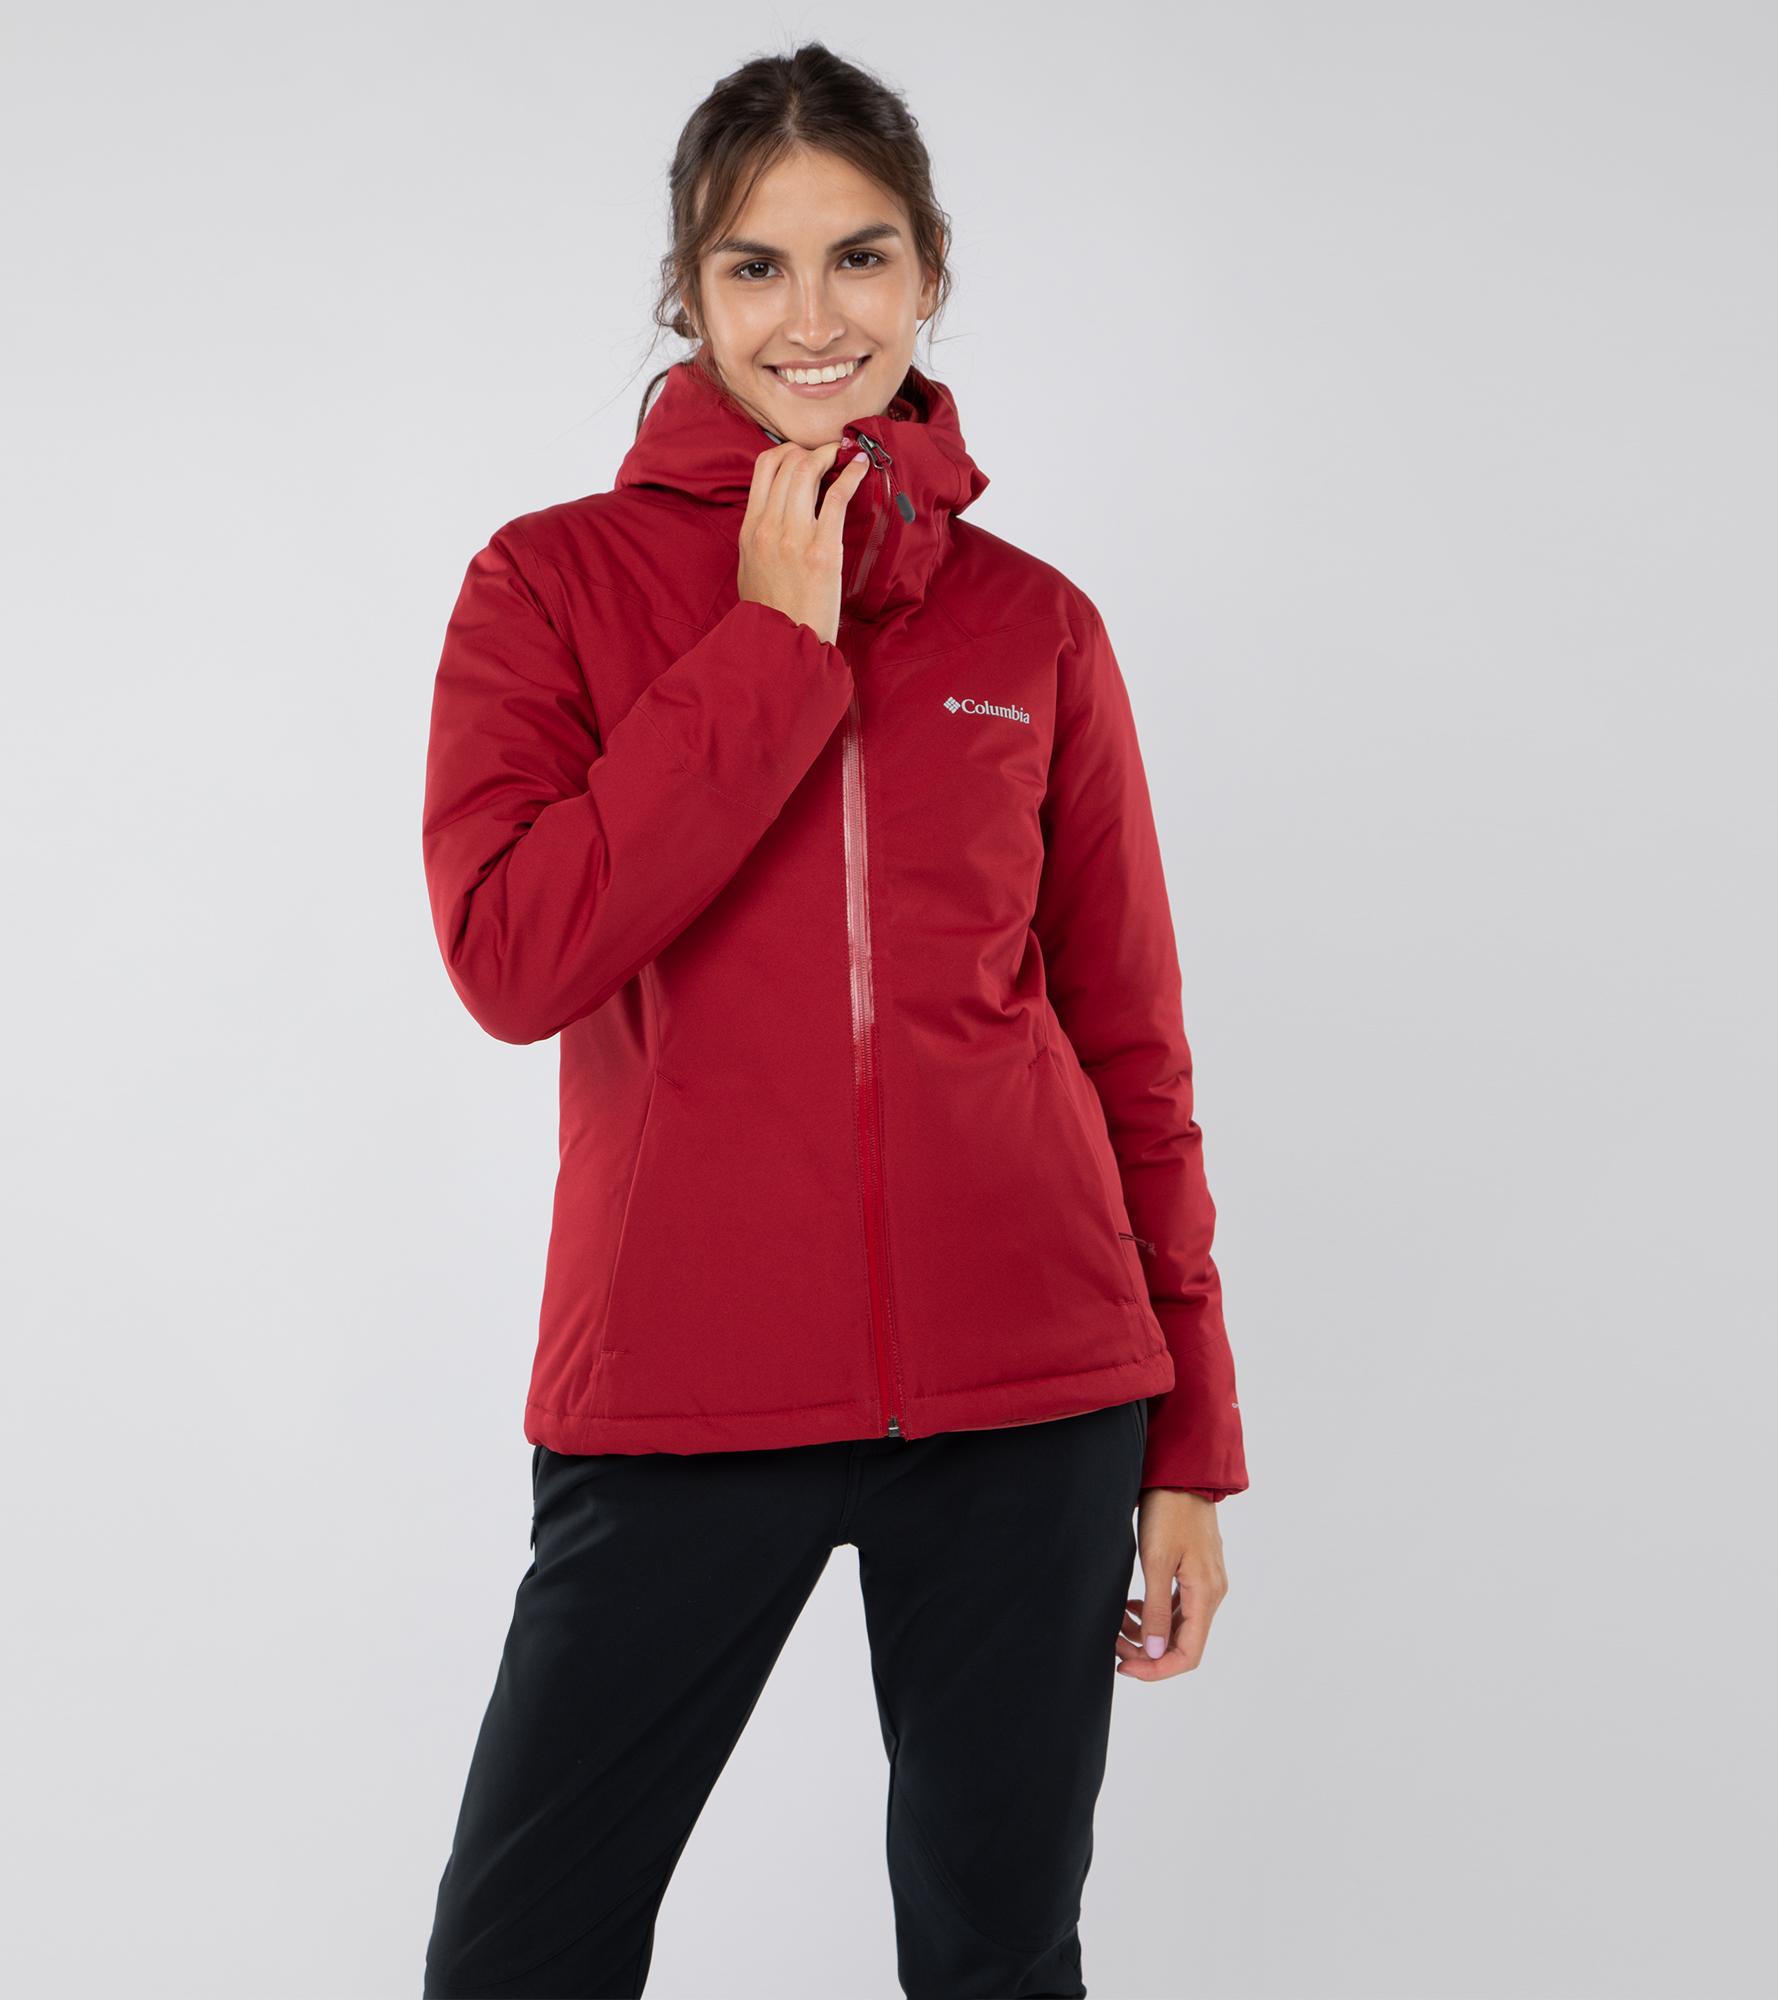 Columbia Куртка утепленная женская Columbia Windgates, размер 50 columbia куртка утепленная женская columbia windgates размер 50